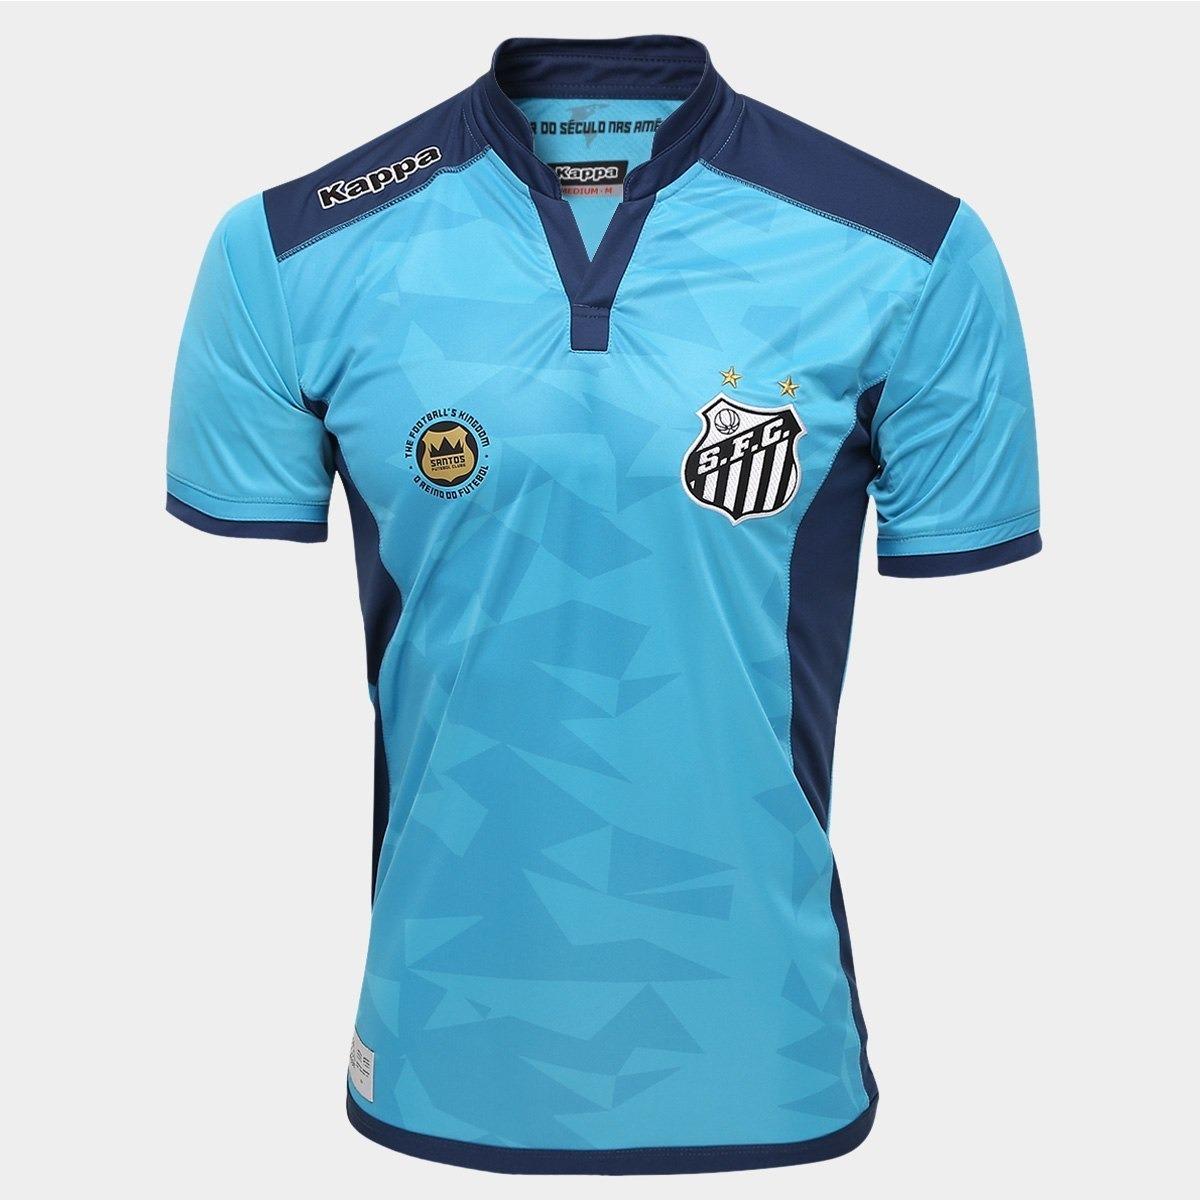 5153d20ed6 55% Off! Camisa Santos Goleiro Oficial Kappa Azul 2016 2017 - R  118 ...